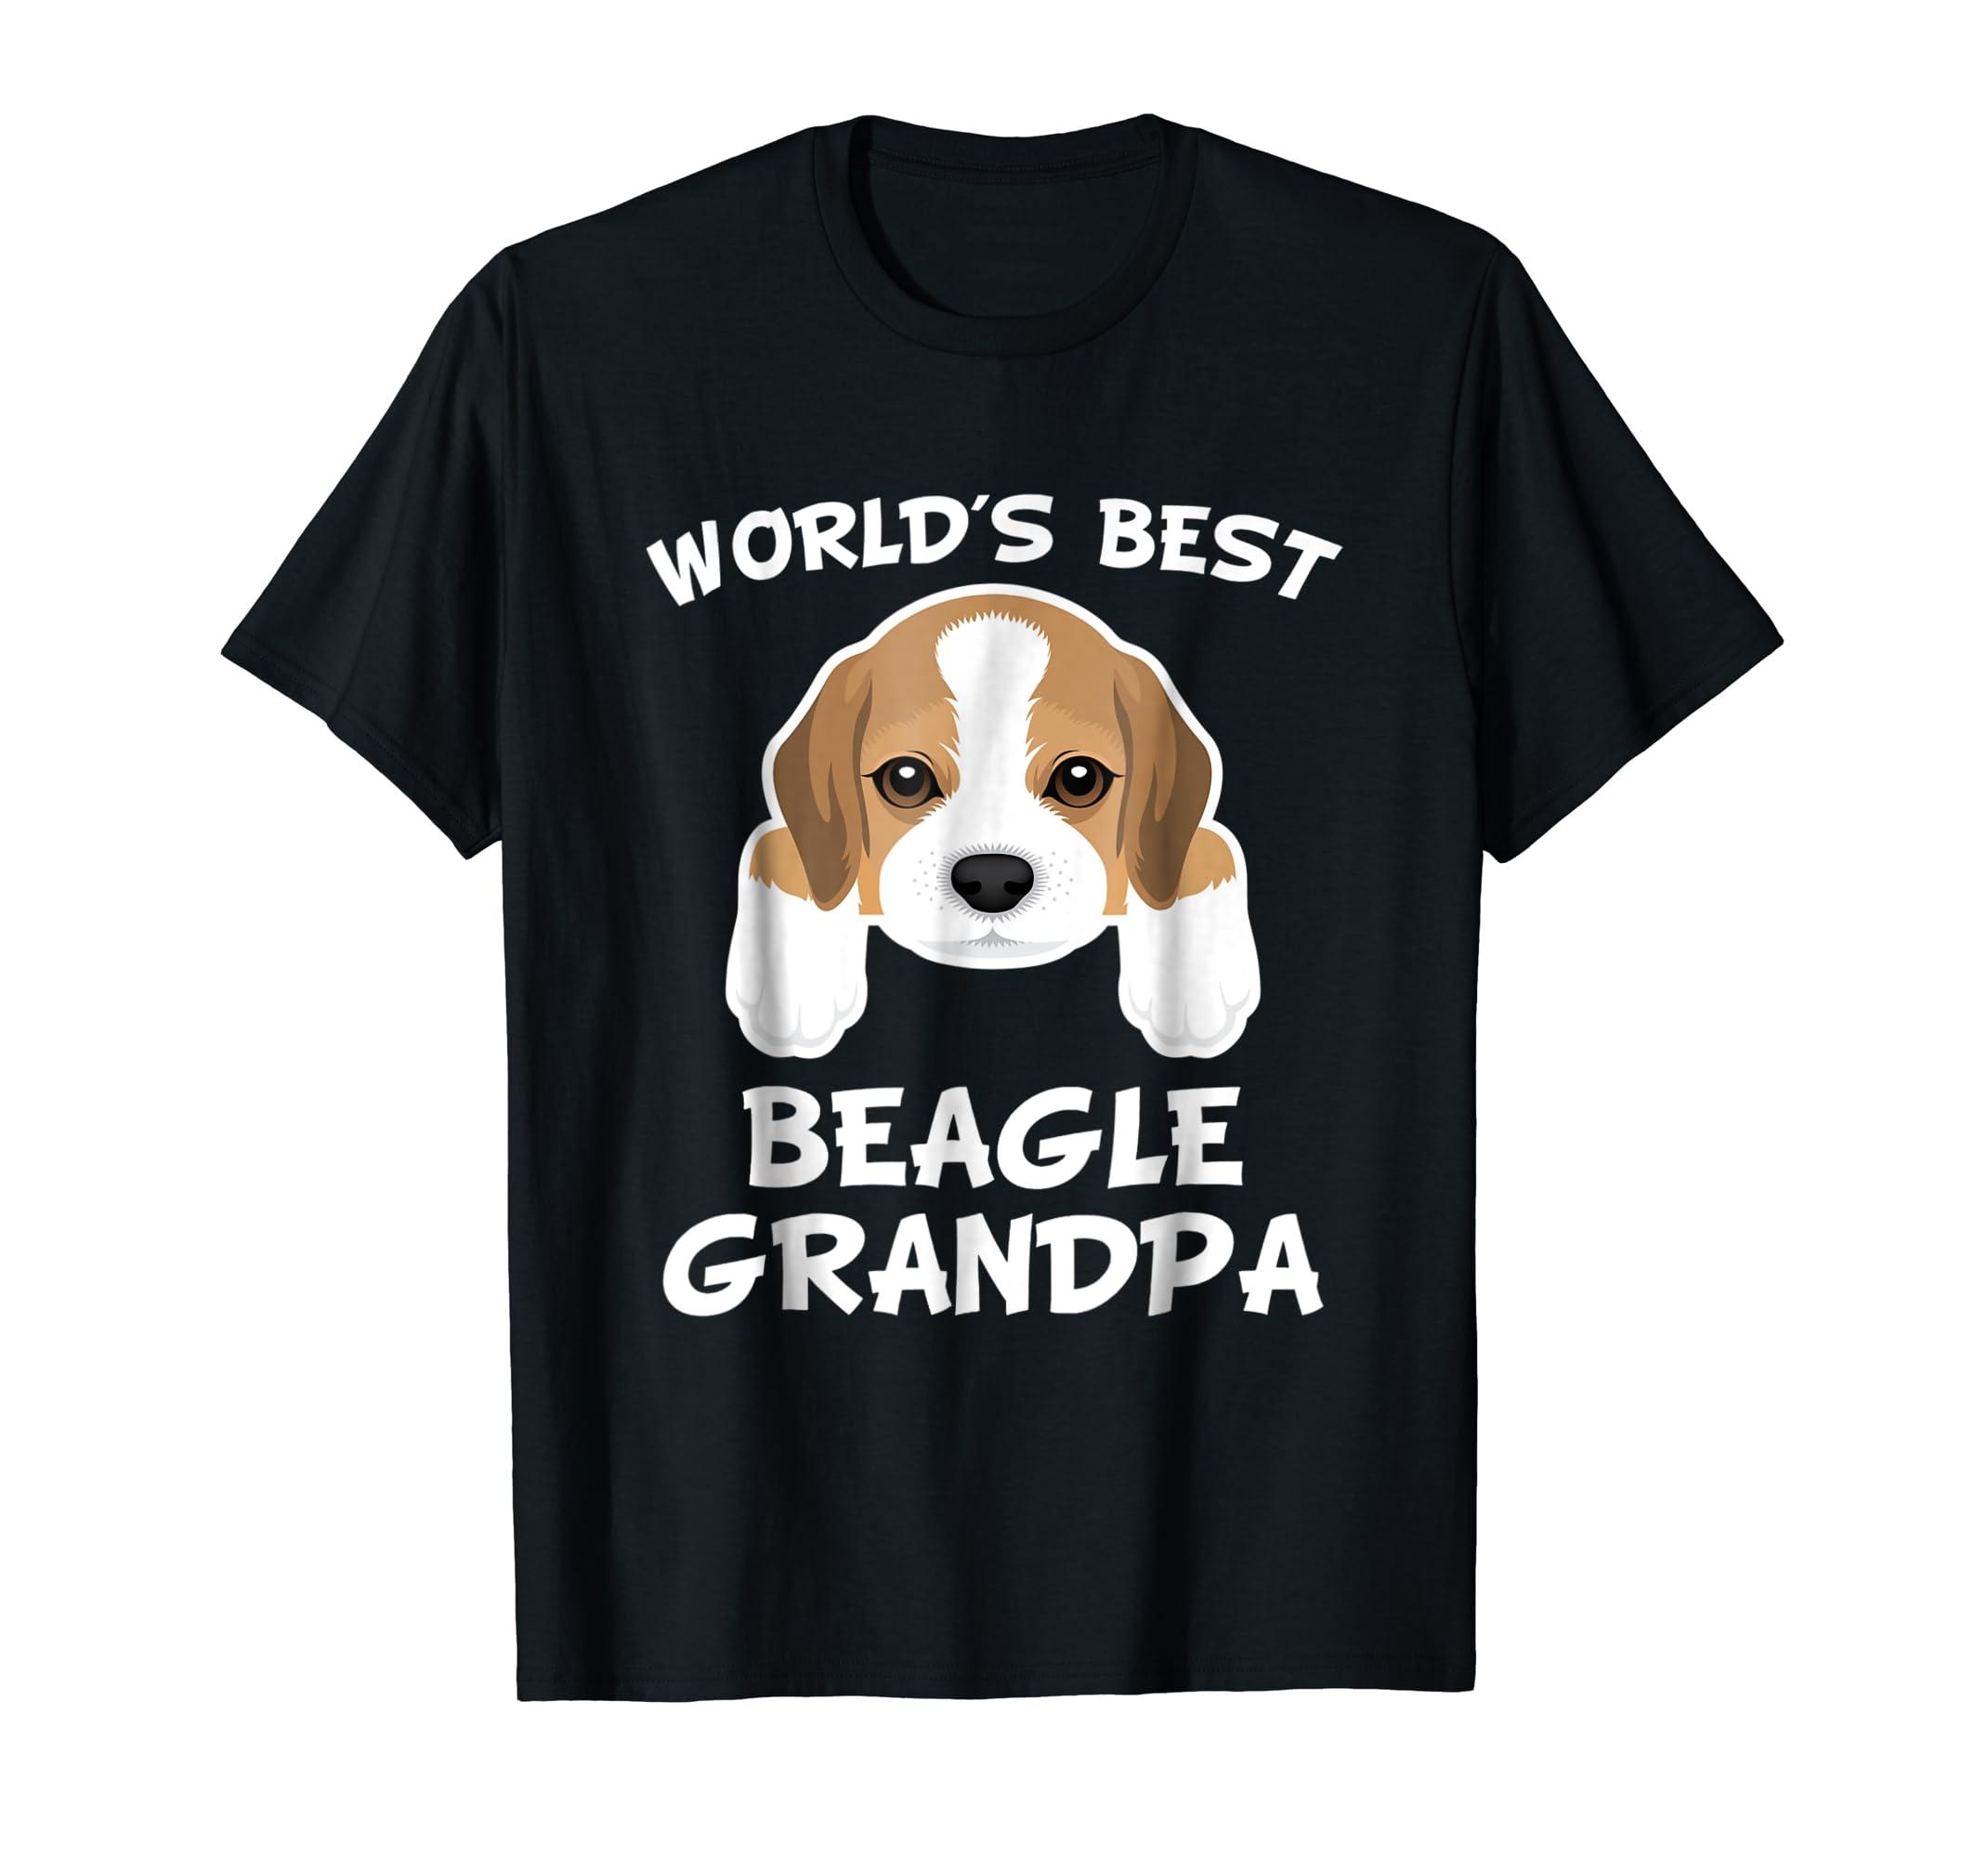 Mens World's Best Beagle Grandpa Dog Granddog T-Shirt-Men's T-Shirt-Black